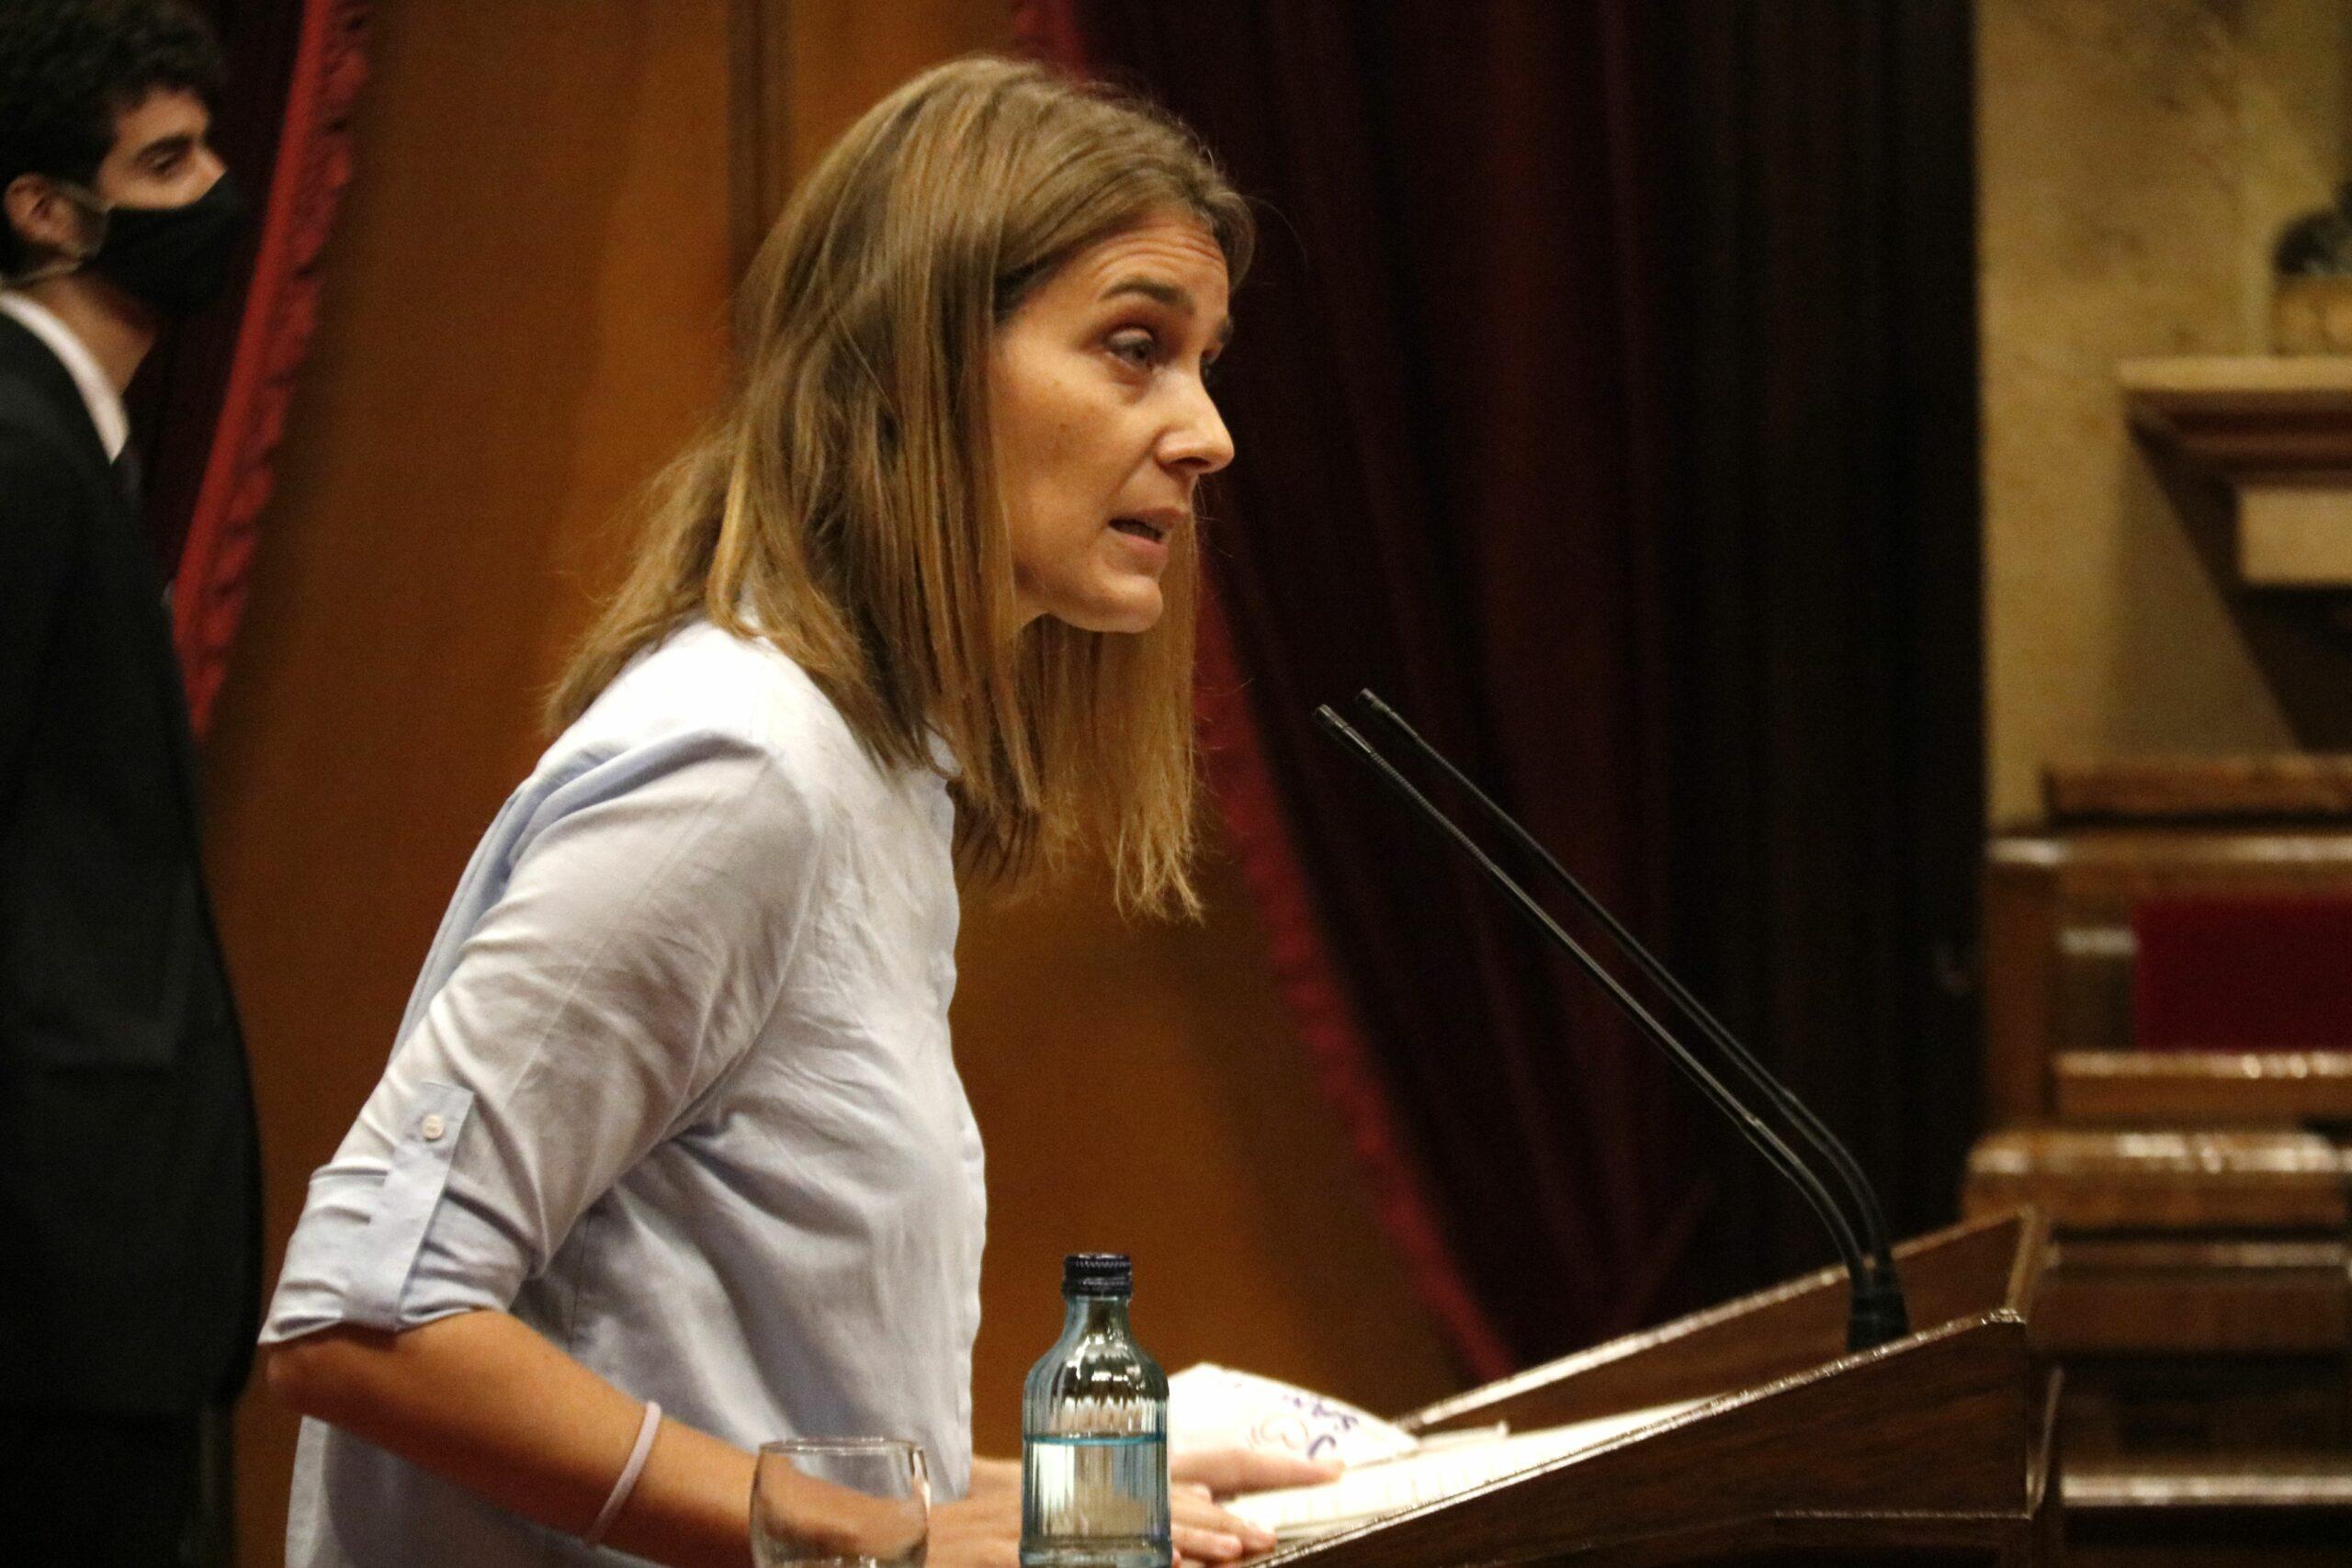 La presidenta de CatECP, Jéssica Albiach, en el debat de política general al Parlament, el 16 de setembre del 2020 / ACN